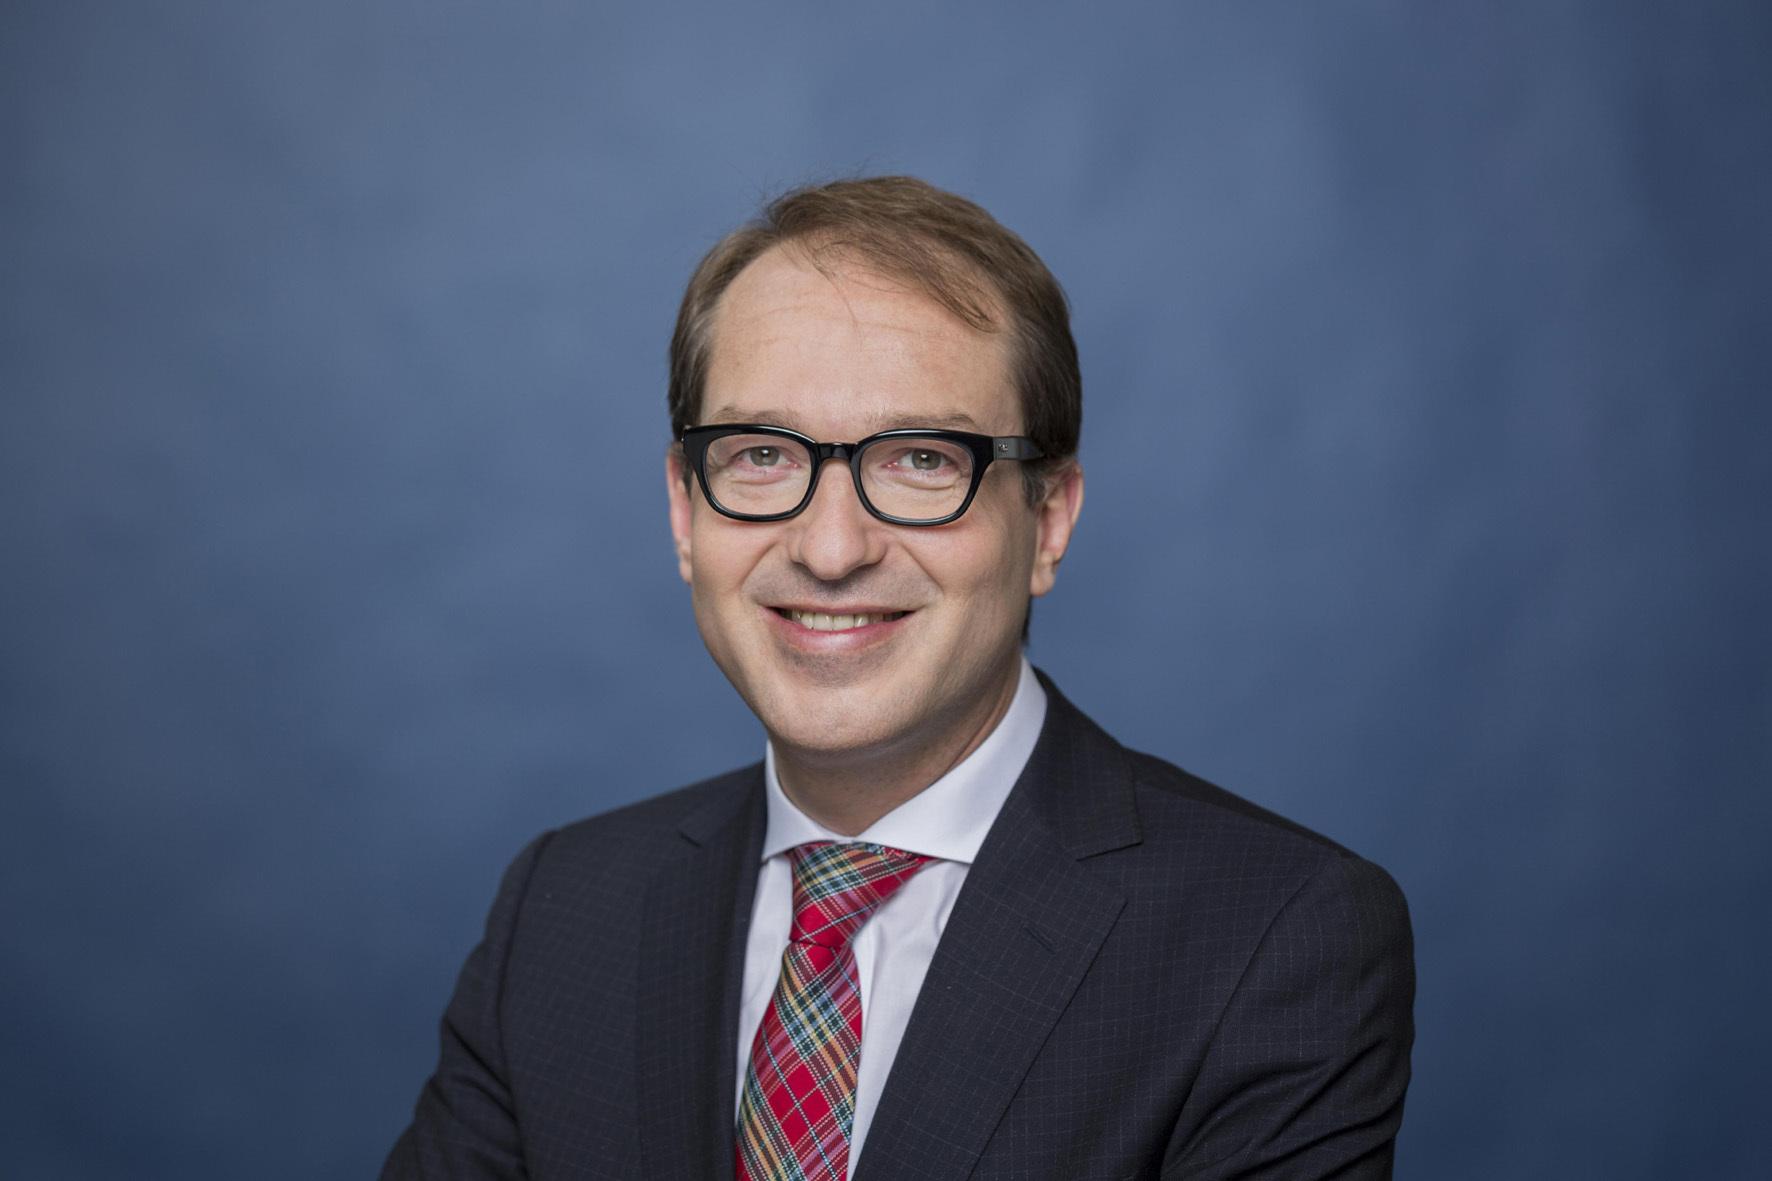 mid Groß-Gerau - Bundesverkehrsminister Alexander Dobrindt geht davon aus, dass das neue Mautsystem die Kurve kriegt - und rund 3,77 Milliarden Euro für die Infrastruktur eingenommen werden.